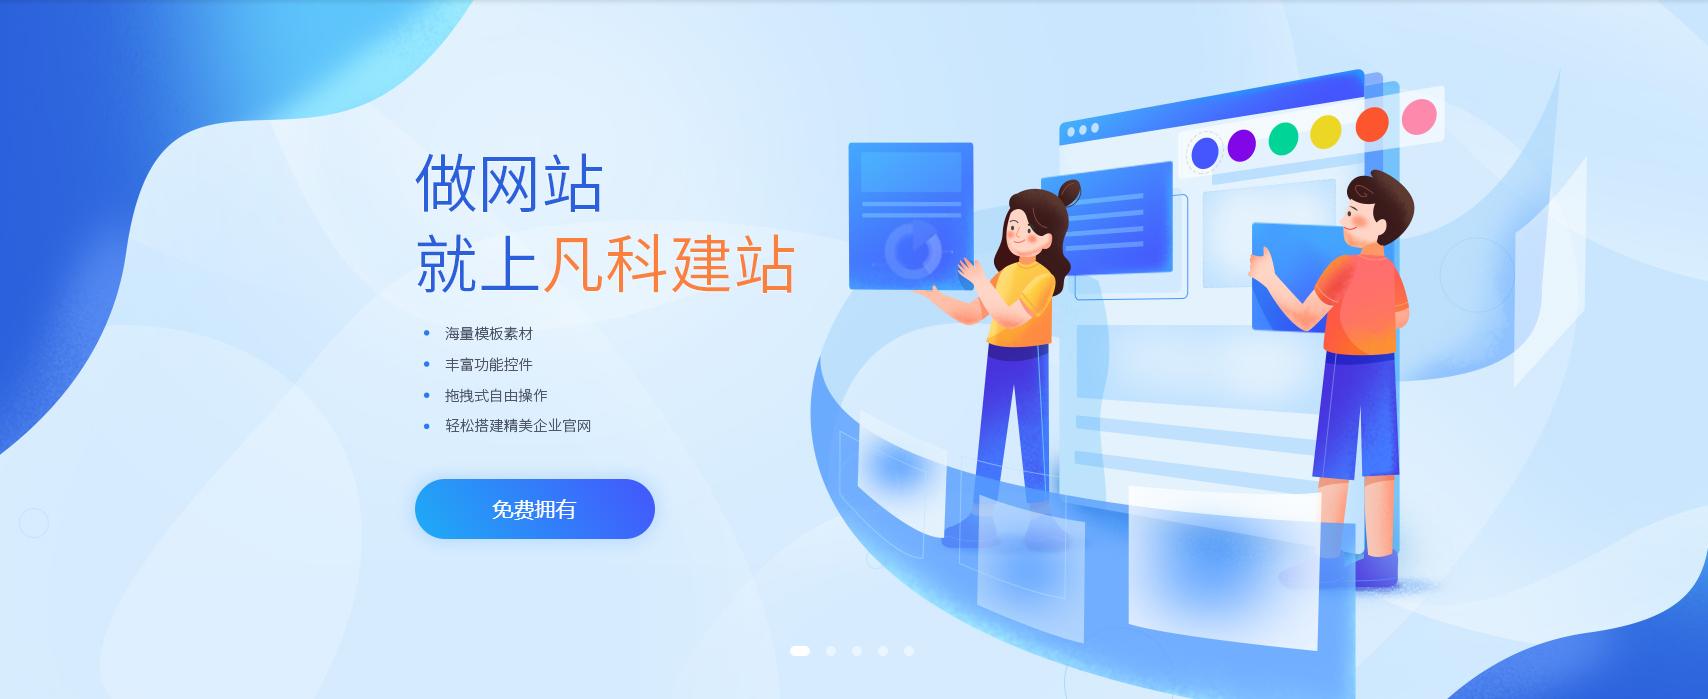 企业网站空间